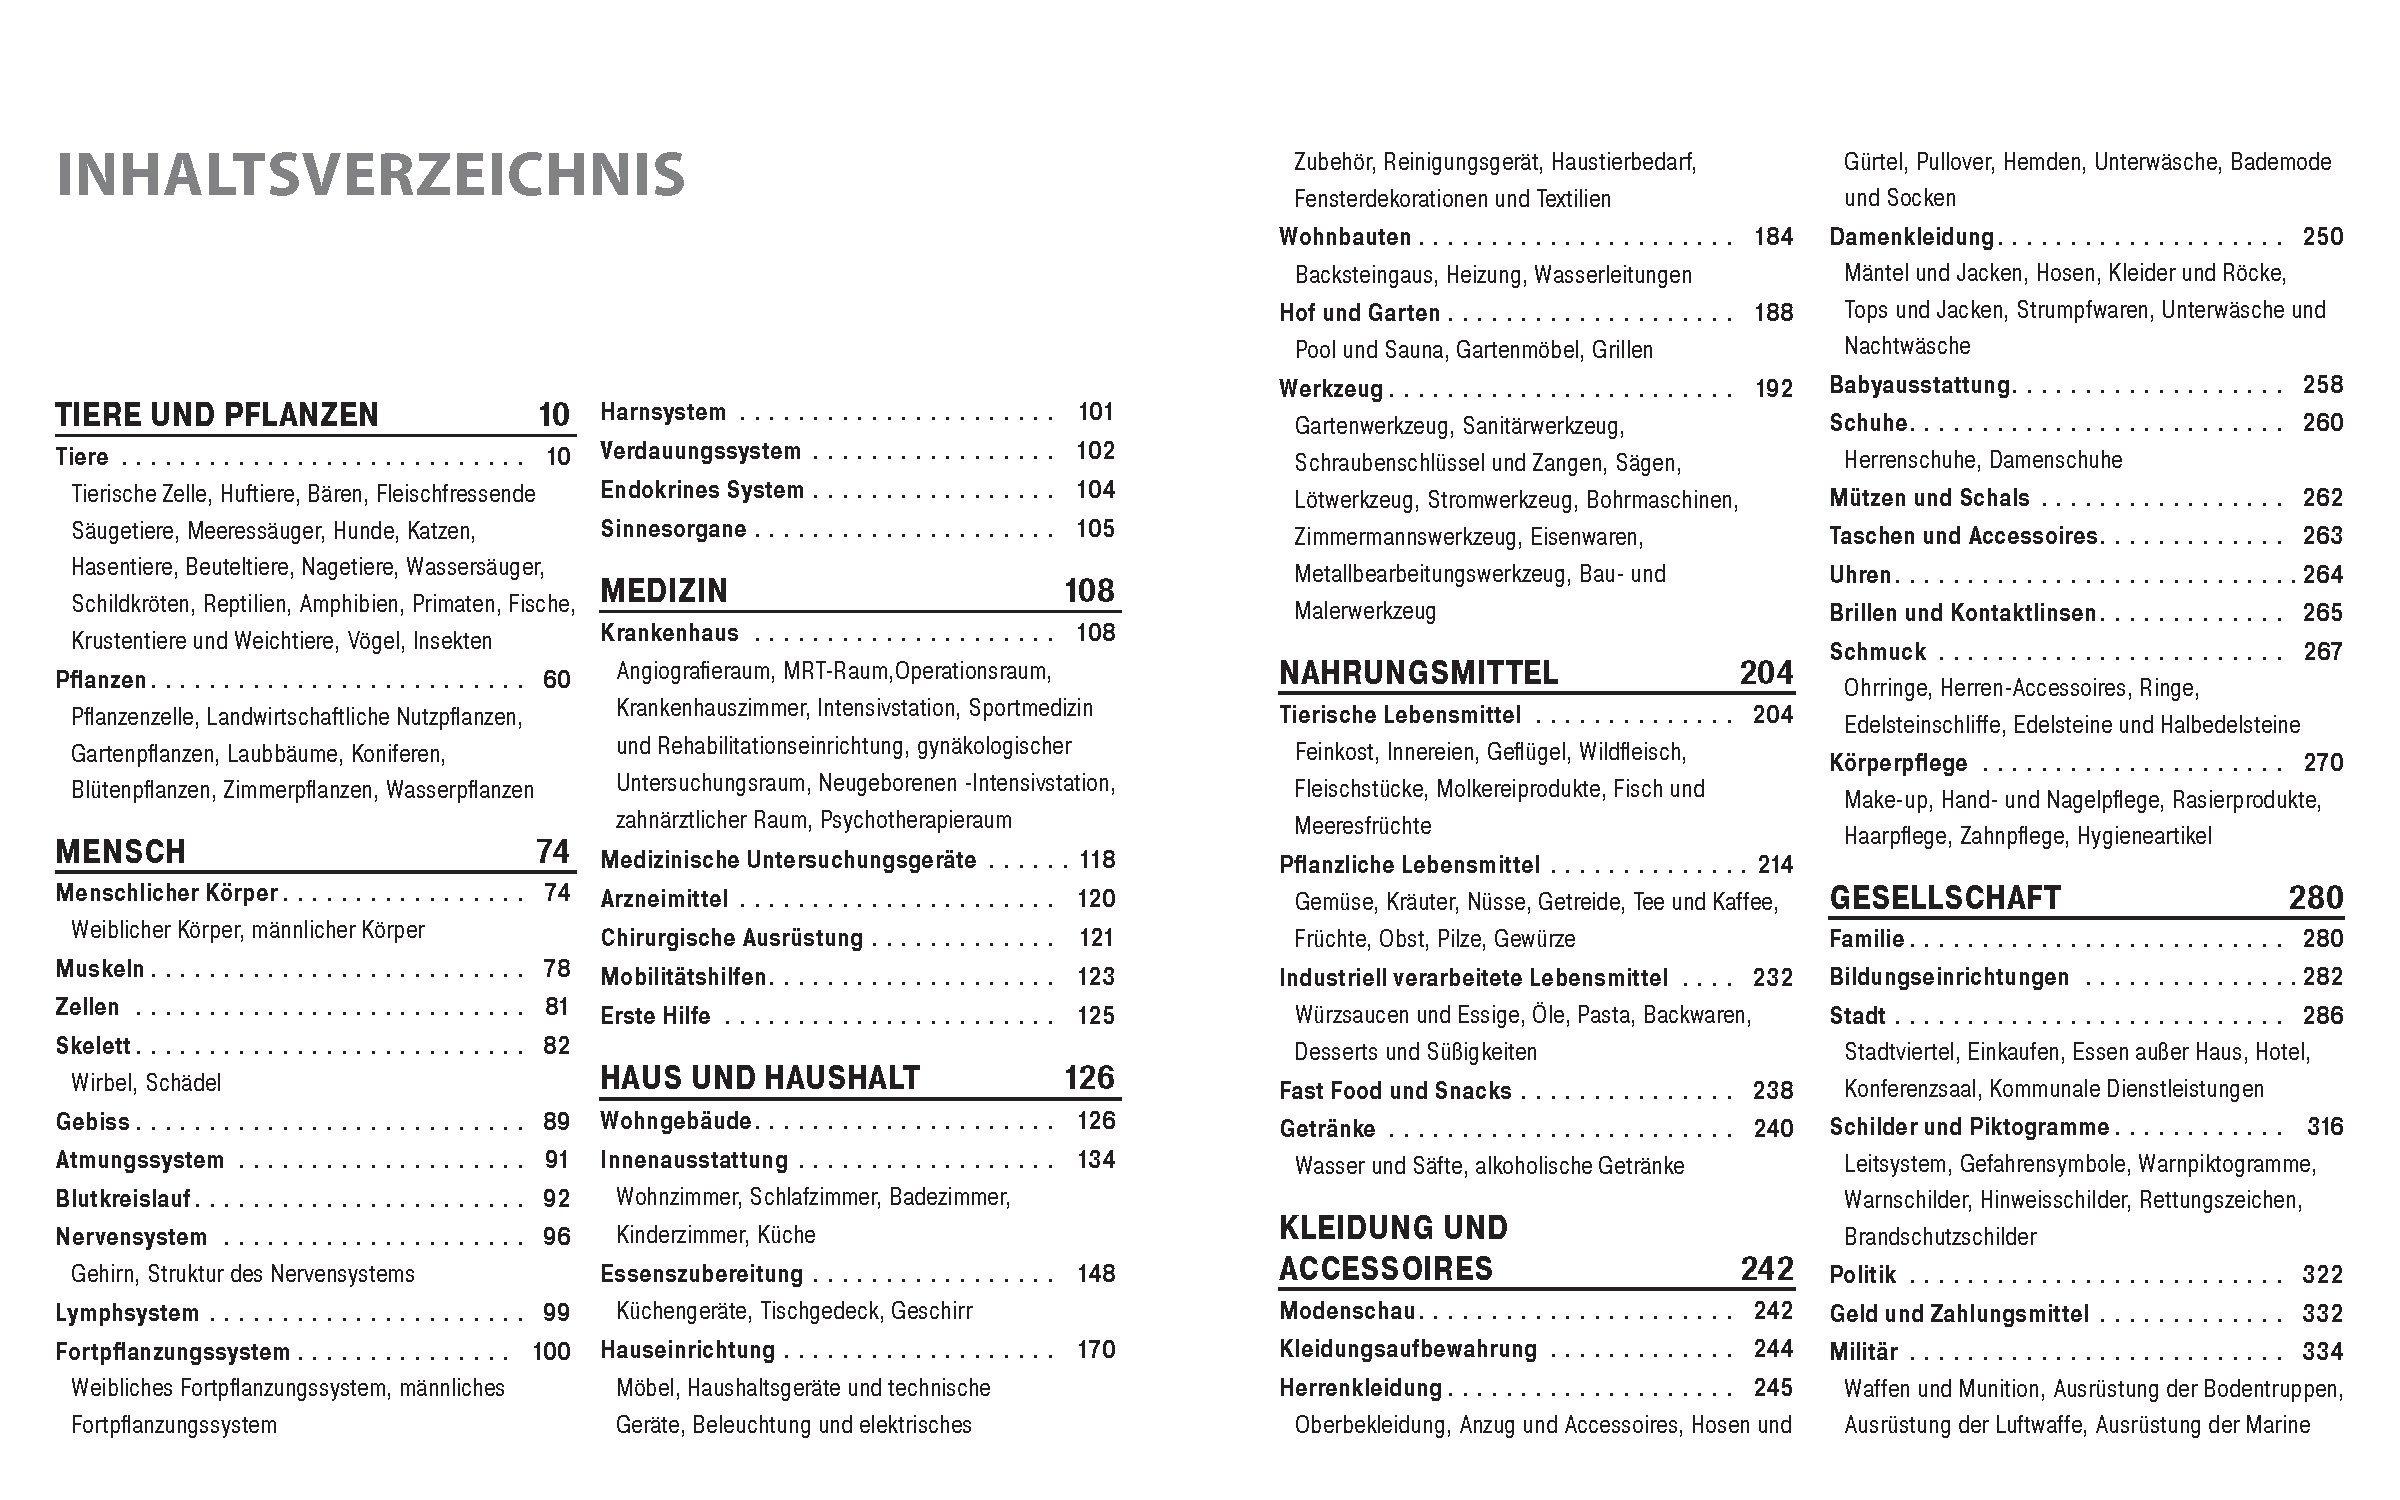 Das große Bildwörterbuch Italienisch-Deutsch